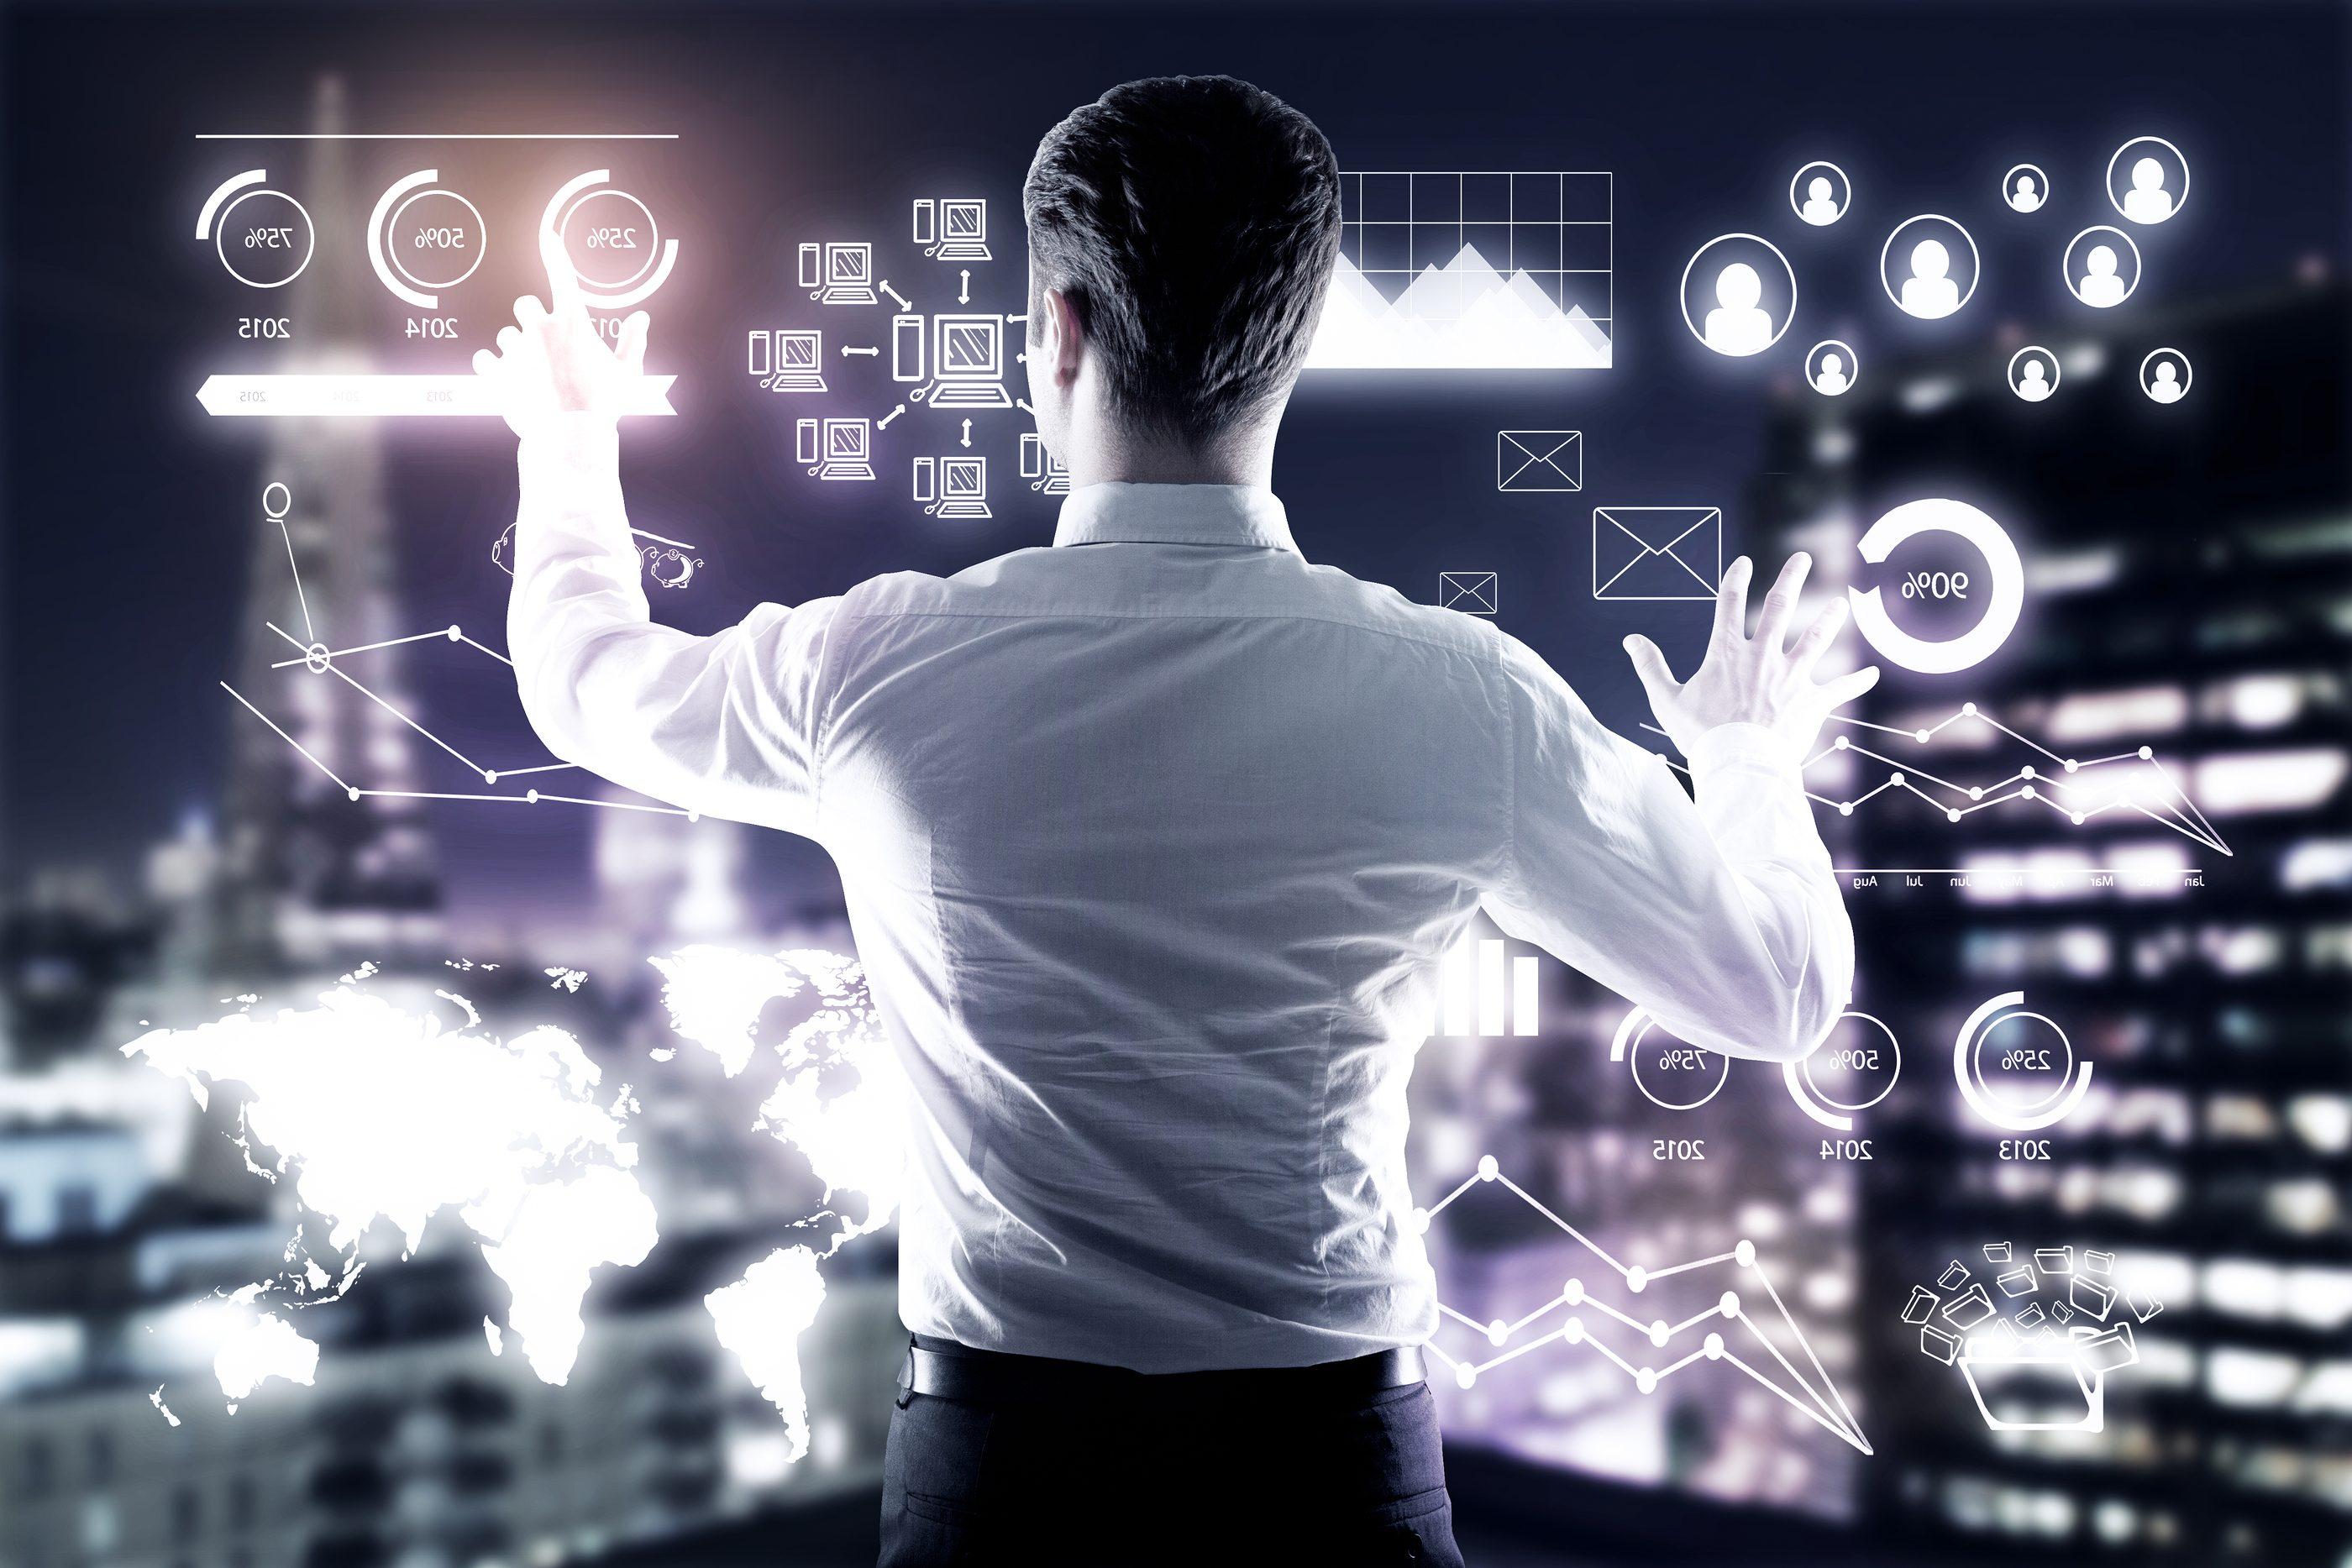 Segurança e tecnologia: crescimento e expectativas.